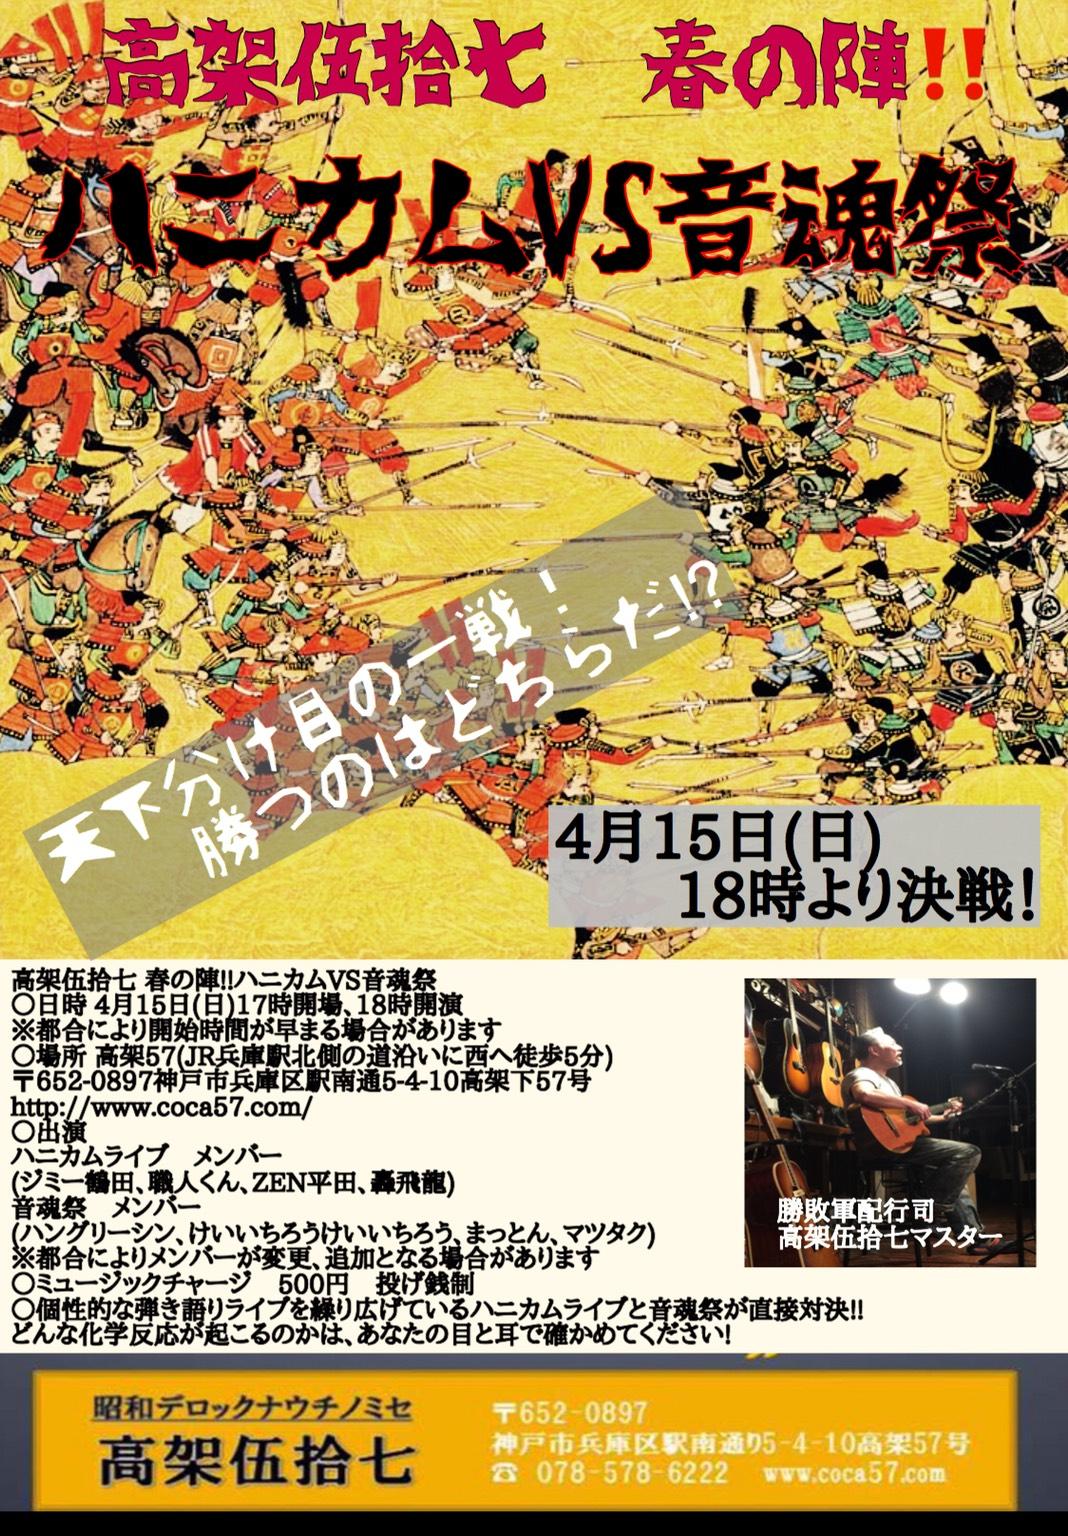 ハニカム VS 音魂祭 17時オープン